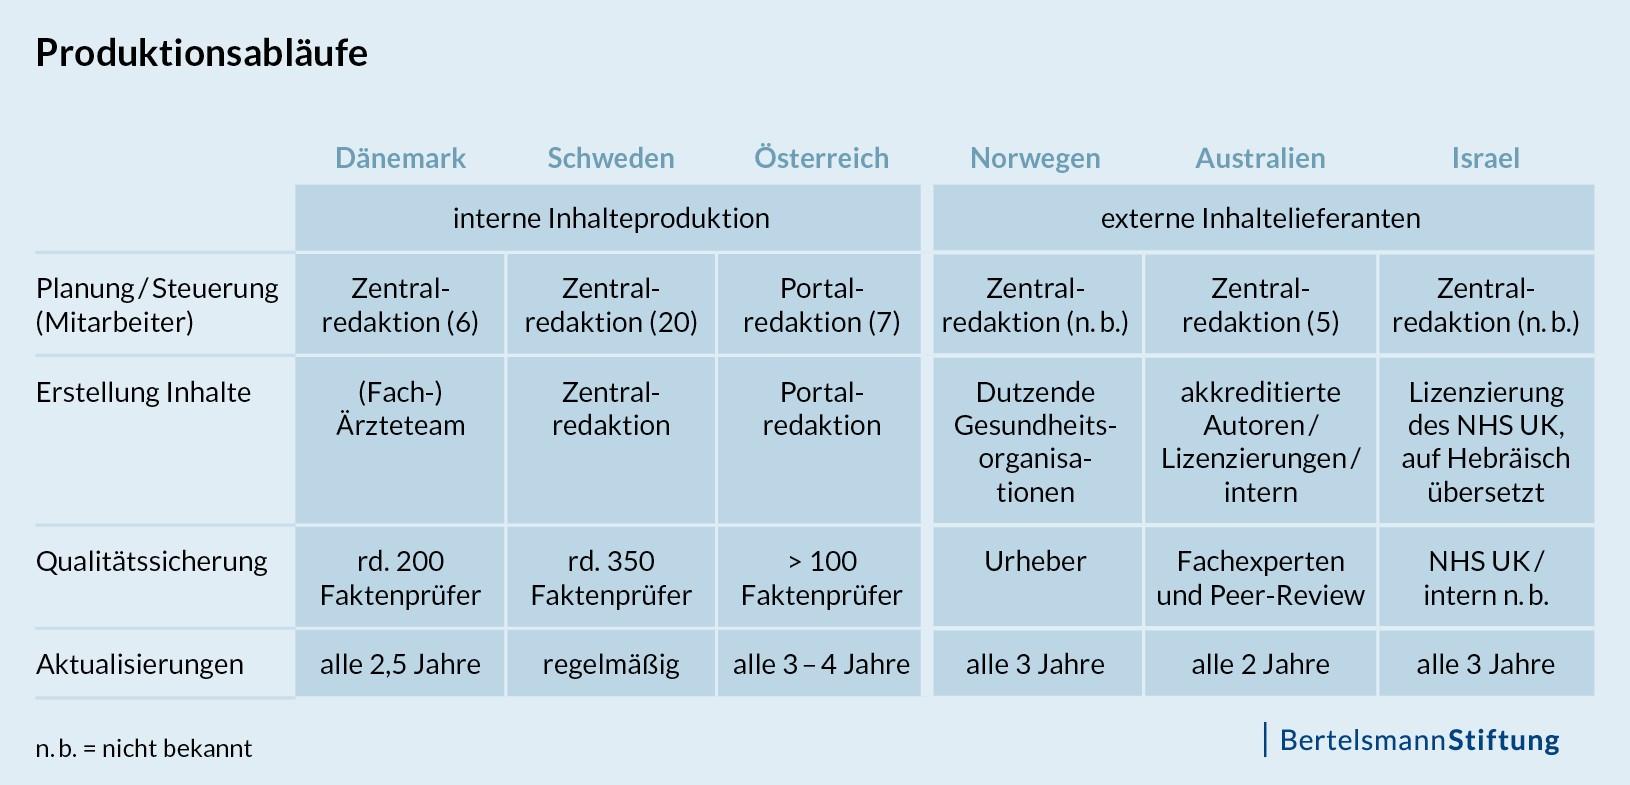 Die Produktionsabläufe der Nationalen Gesundheitsportale unterscheiden sich. Während in Dänemark, Schweden und Österreich Inhalte intern erstellt werden, setzen Norwegen, Australien und Israel auf externe Inhaltelieferanten.